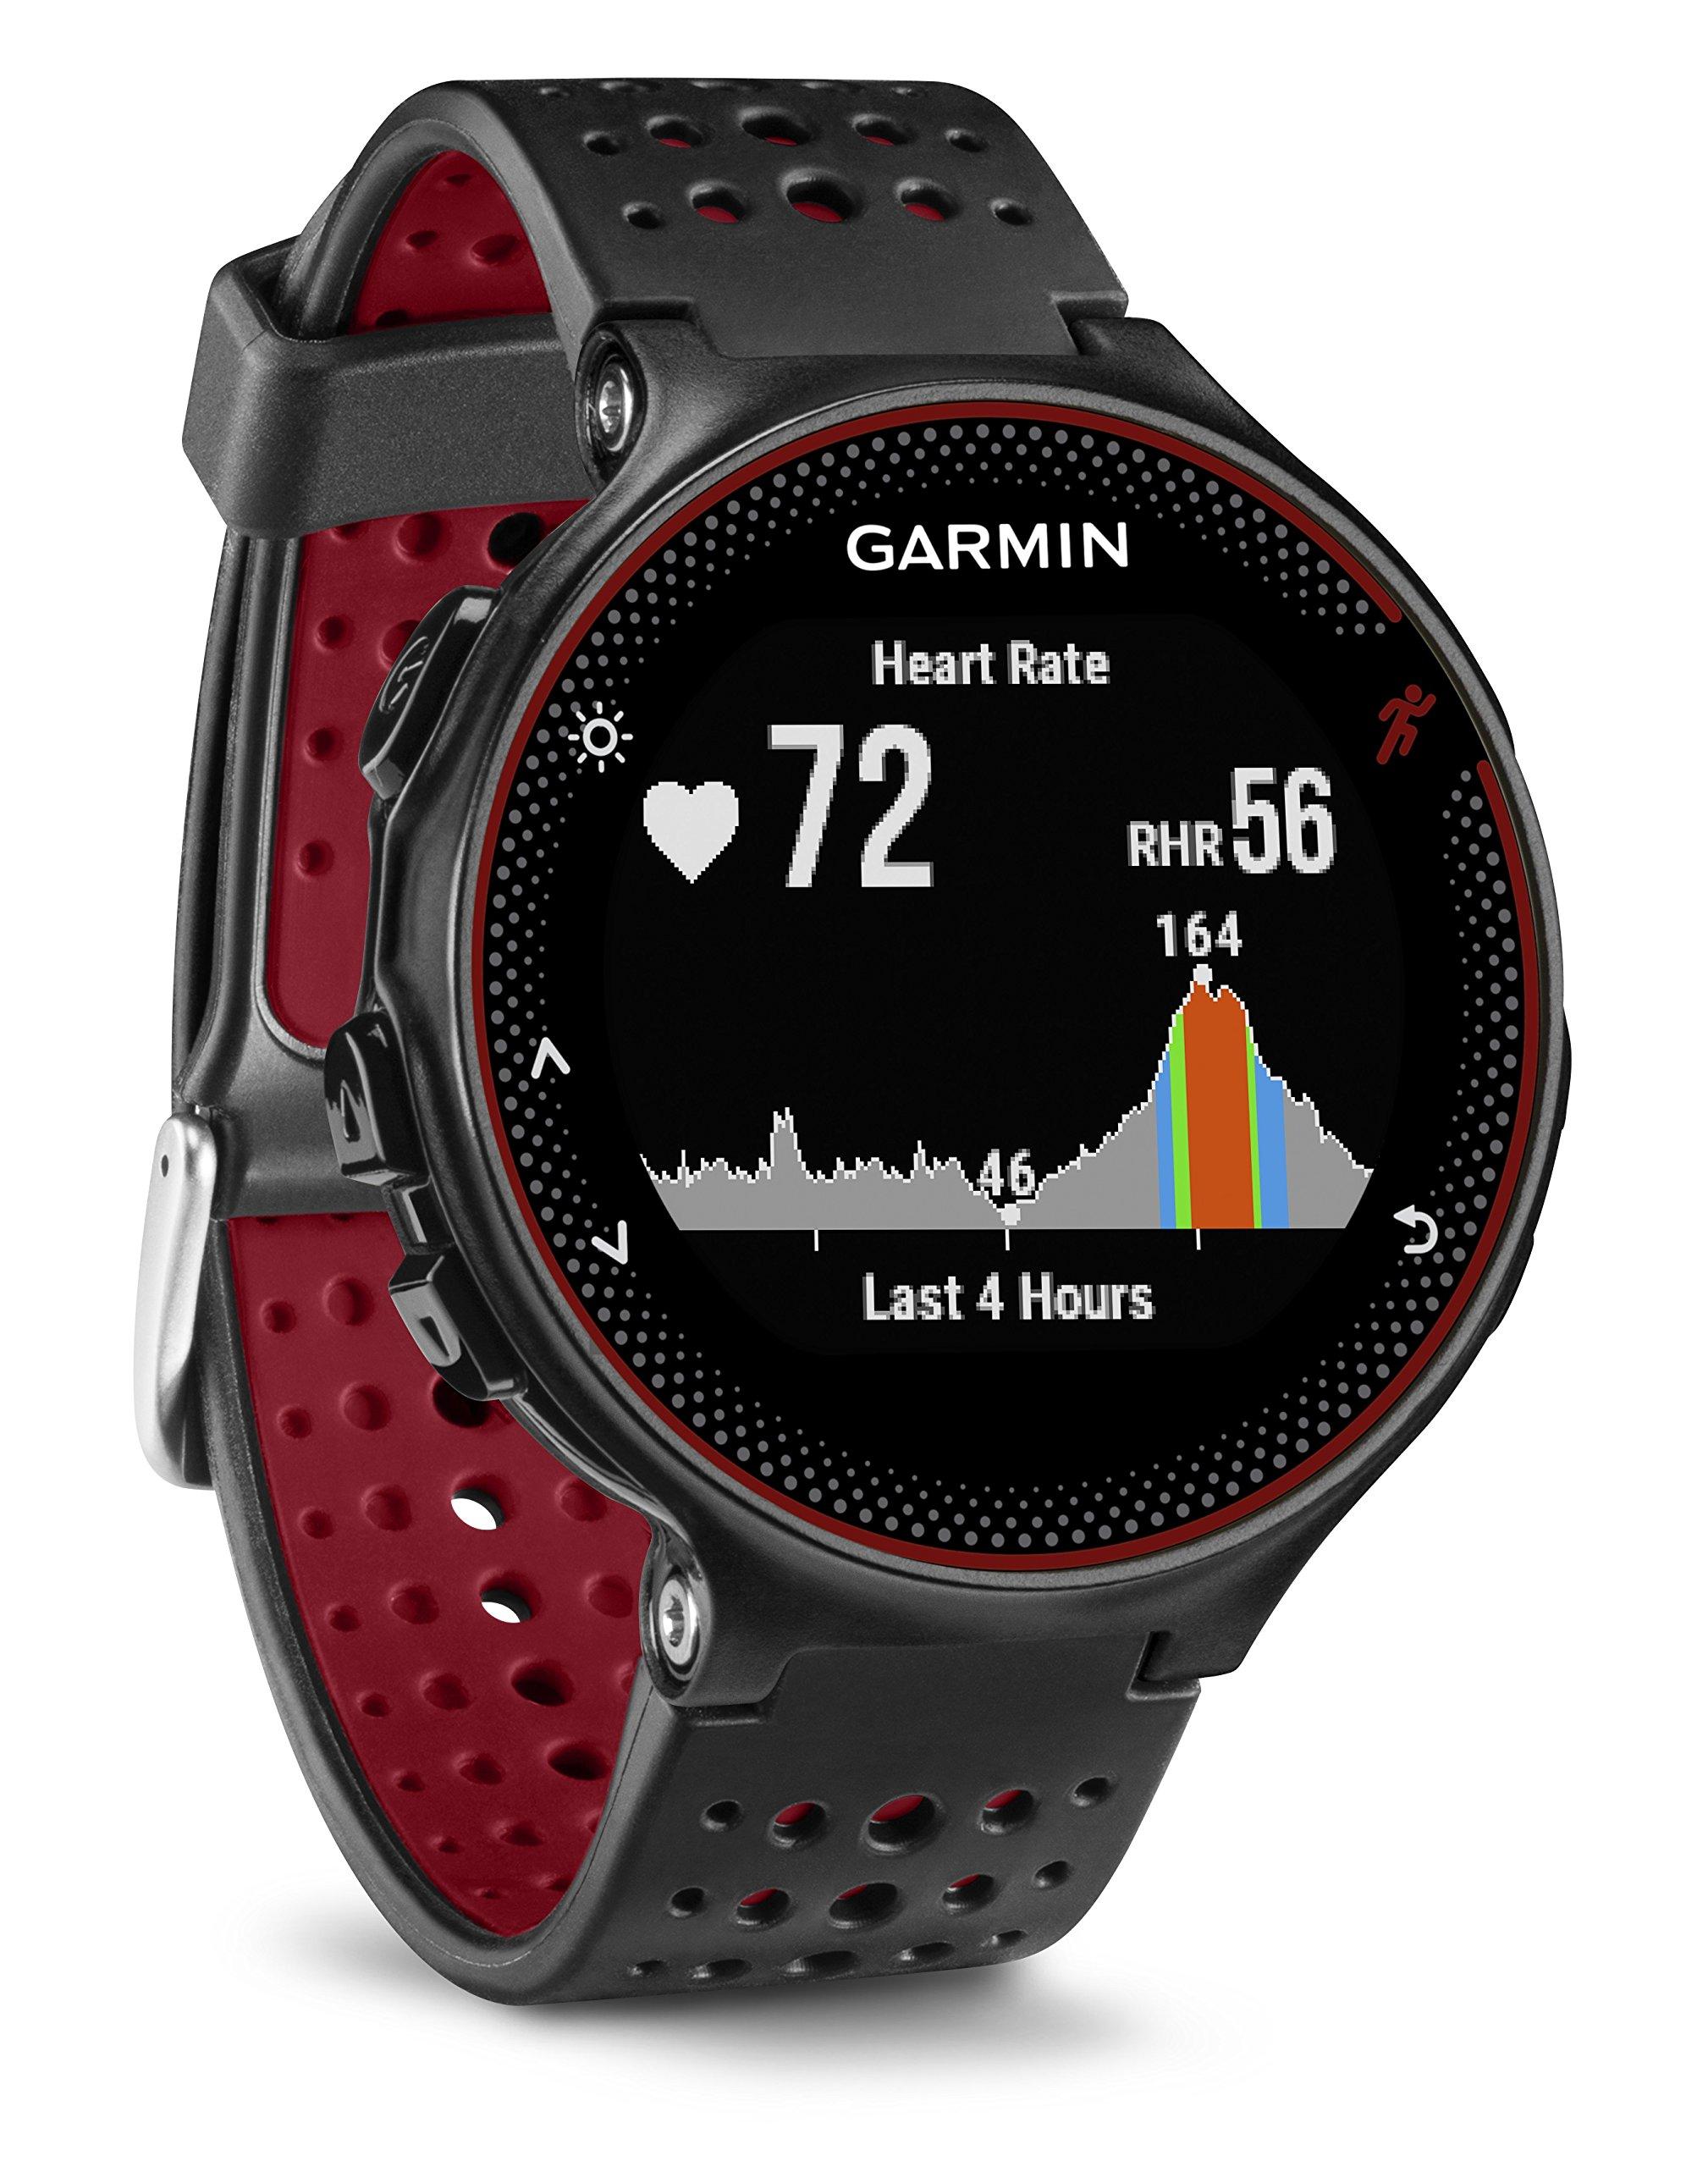 Garmin Forerunner 235 GPS Sportwatch con Sensore Cardio al Polso e Funzioni Smart, Nero/Rosso product image